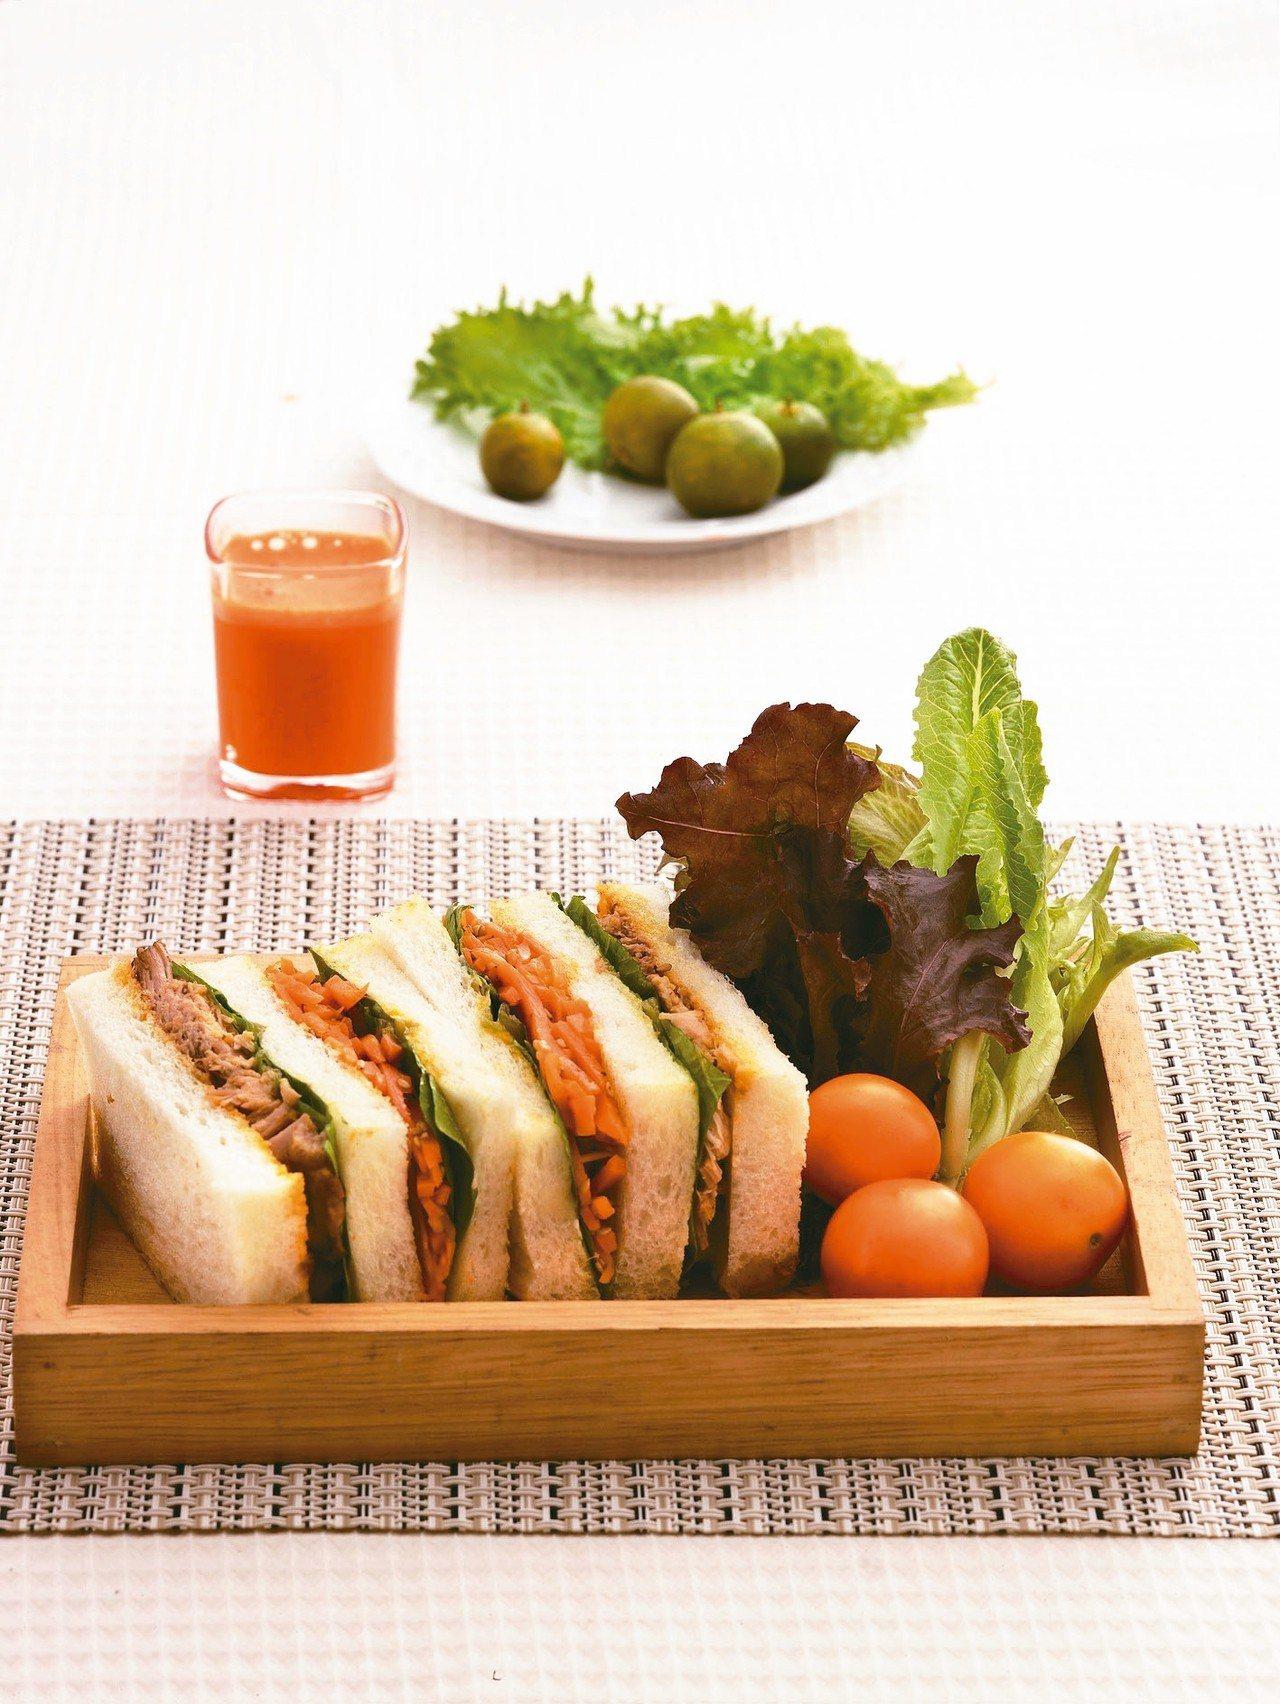 胡蘿蔔豬肉三明治 圖/天和鮮物提供